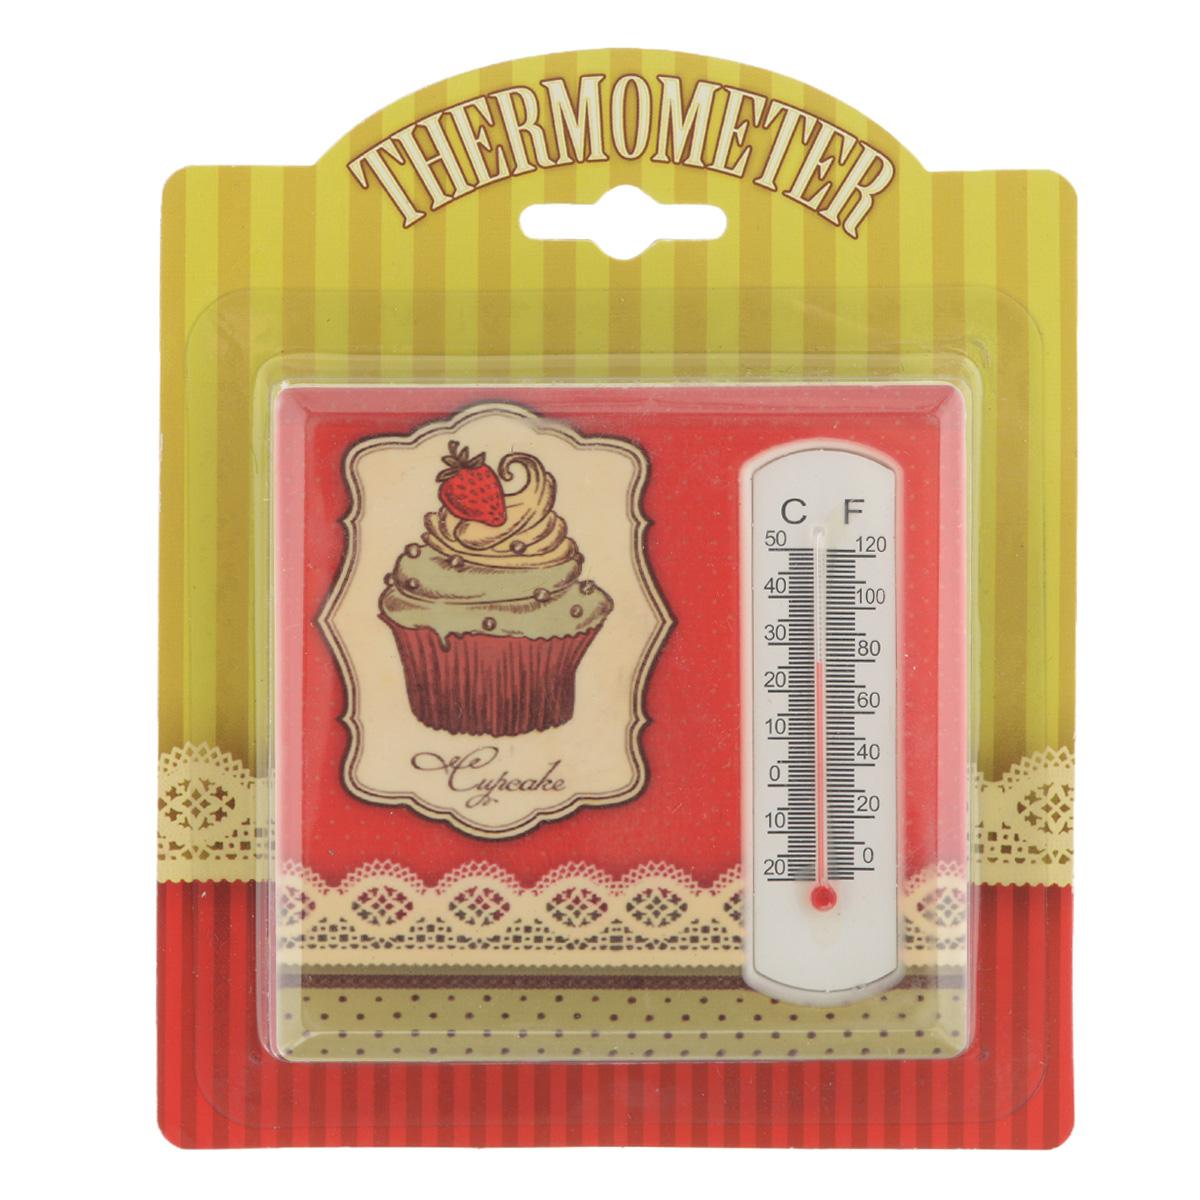 Термометр декоративный Феникс-презент, комнатный. 3304133041Комнатный термометр Феникс-презент, изготовленный из керамики и стекла, декорирован изображением пирожного. Термометр имеет шкалу измерения температуры по Цельсию (-20°С - +50°С) и по Фаренгейту (0°F - +120°F). Благодаря такому термометру вы всегда будете точно знать, насколько тепло в помещении. Оригинальный дизайн не оставит равнодушным никого. Термометр удачно впишется в обстановку жилого помещения, гаража или беседки. Кроме того, это актуальный подарок для человека с хорошим вкусом. Высота градусника: 5,5 см.